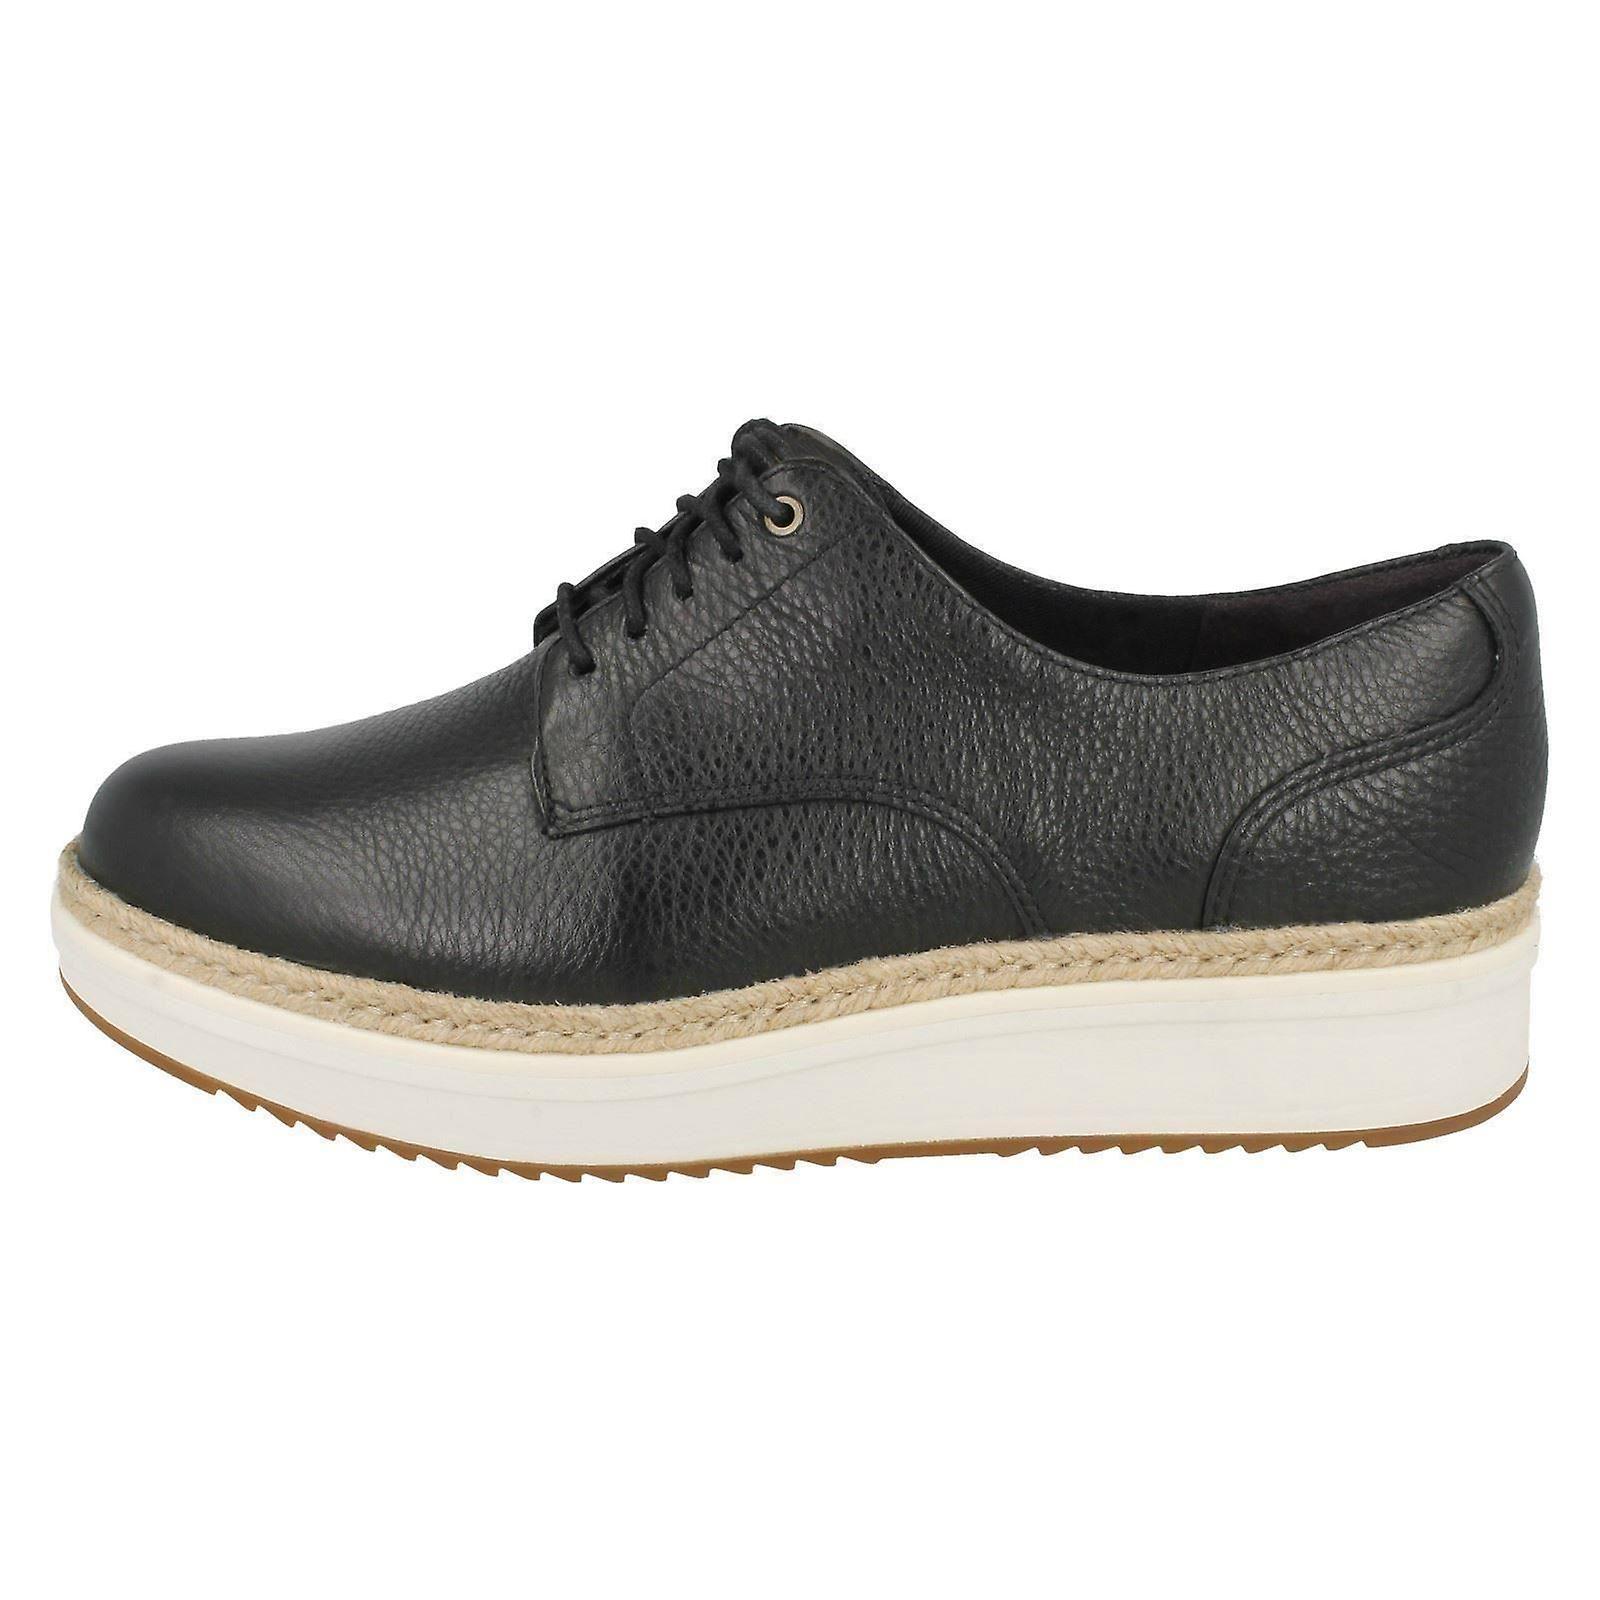 Clarks Ladies Brogue Style Shoes Teadale Rhea